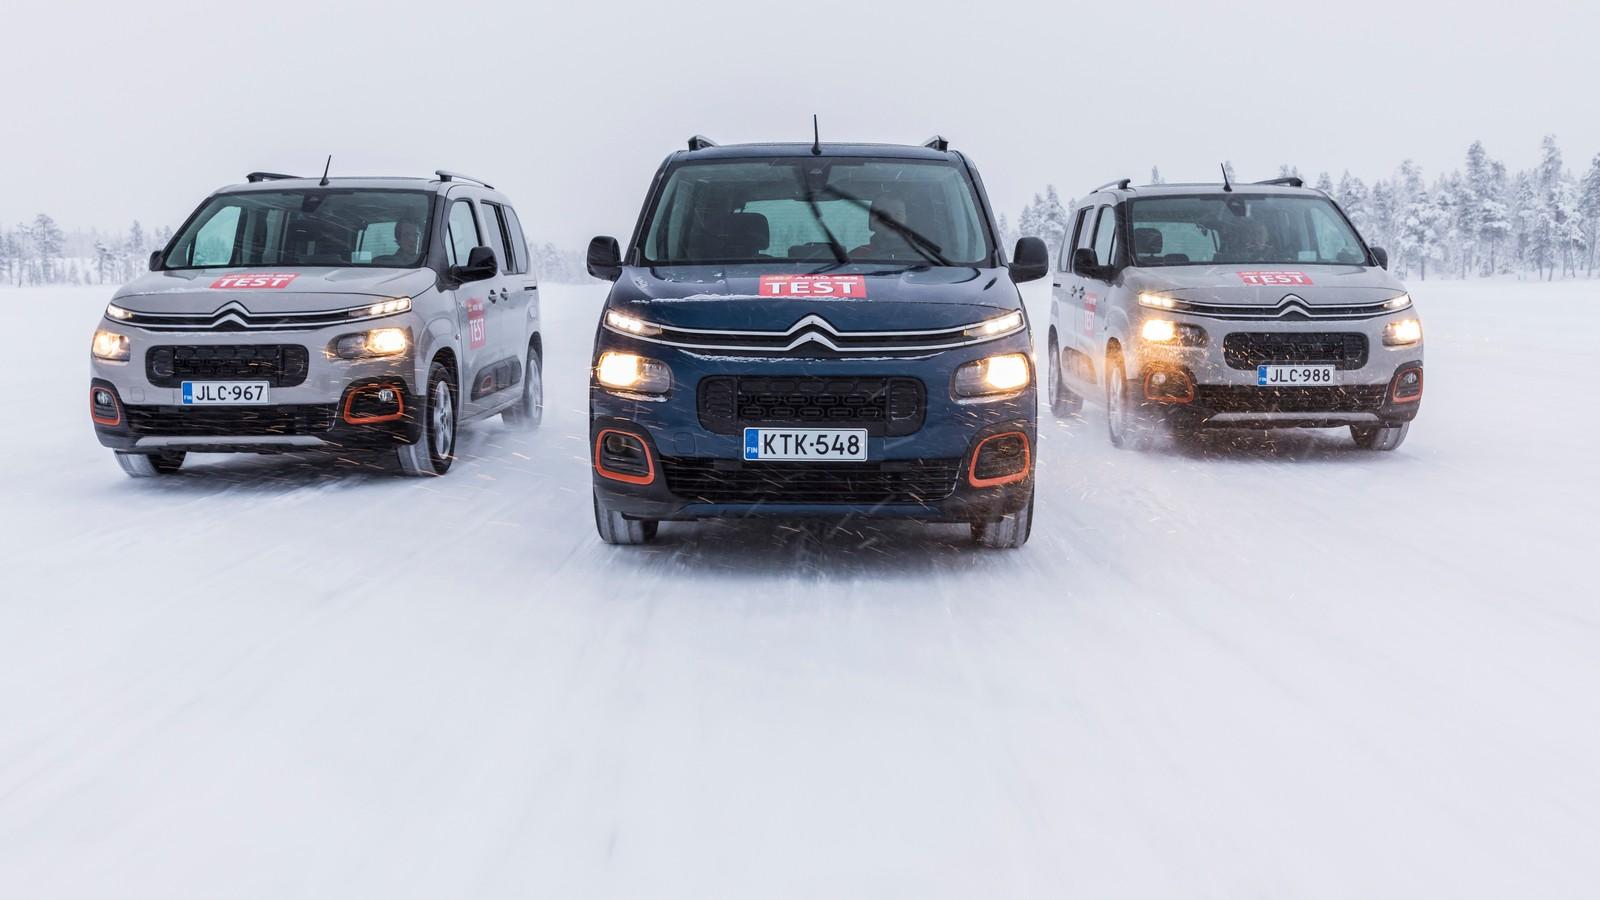 Sollte es doch einmal wieder einen schneereichen Winter geben, müssen auch Ganzjahresreifen sichere Fahreigenschaften bieten.